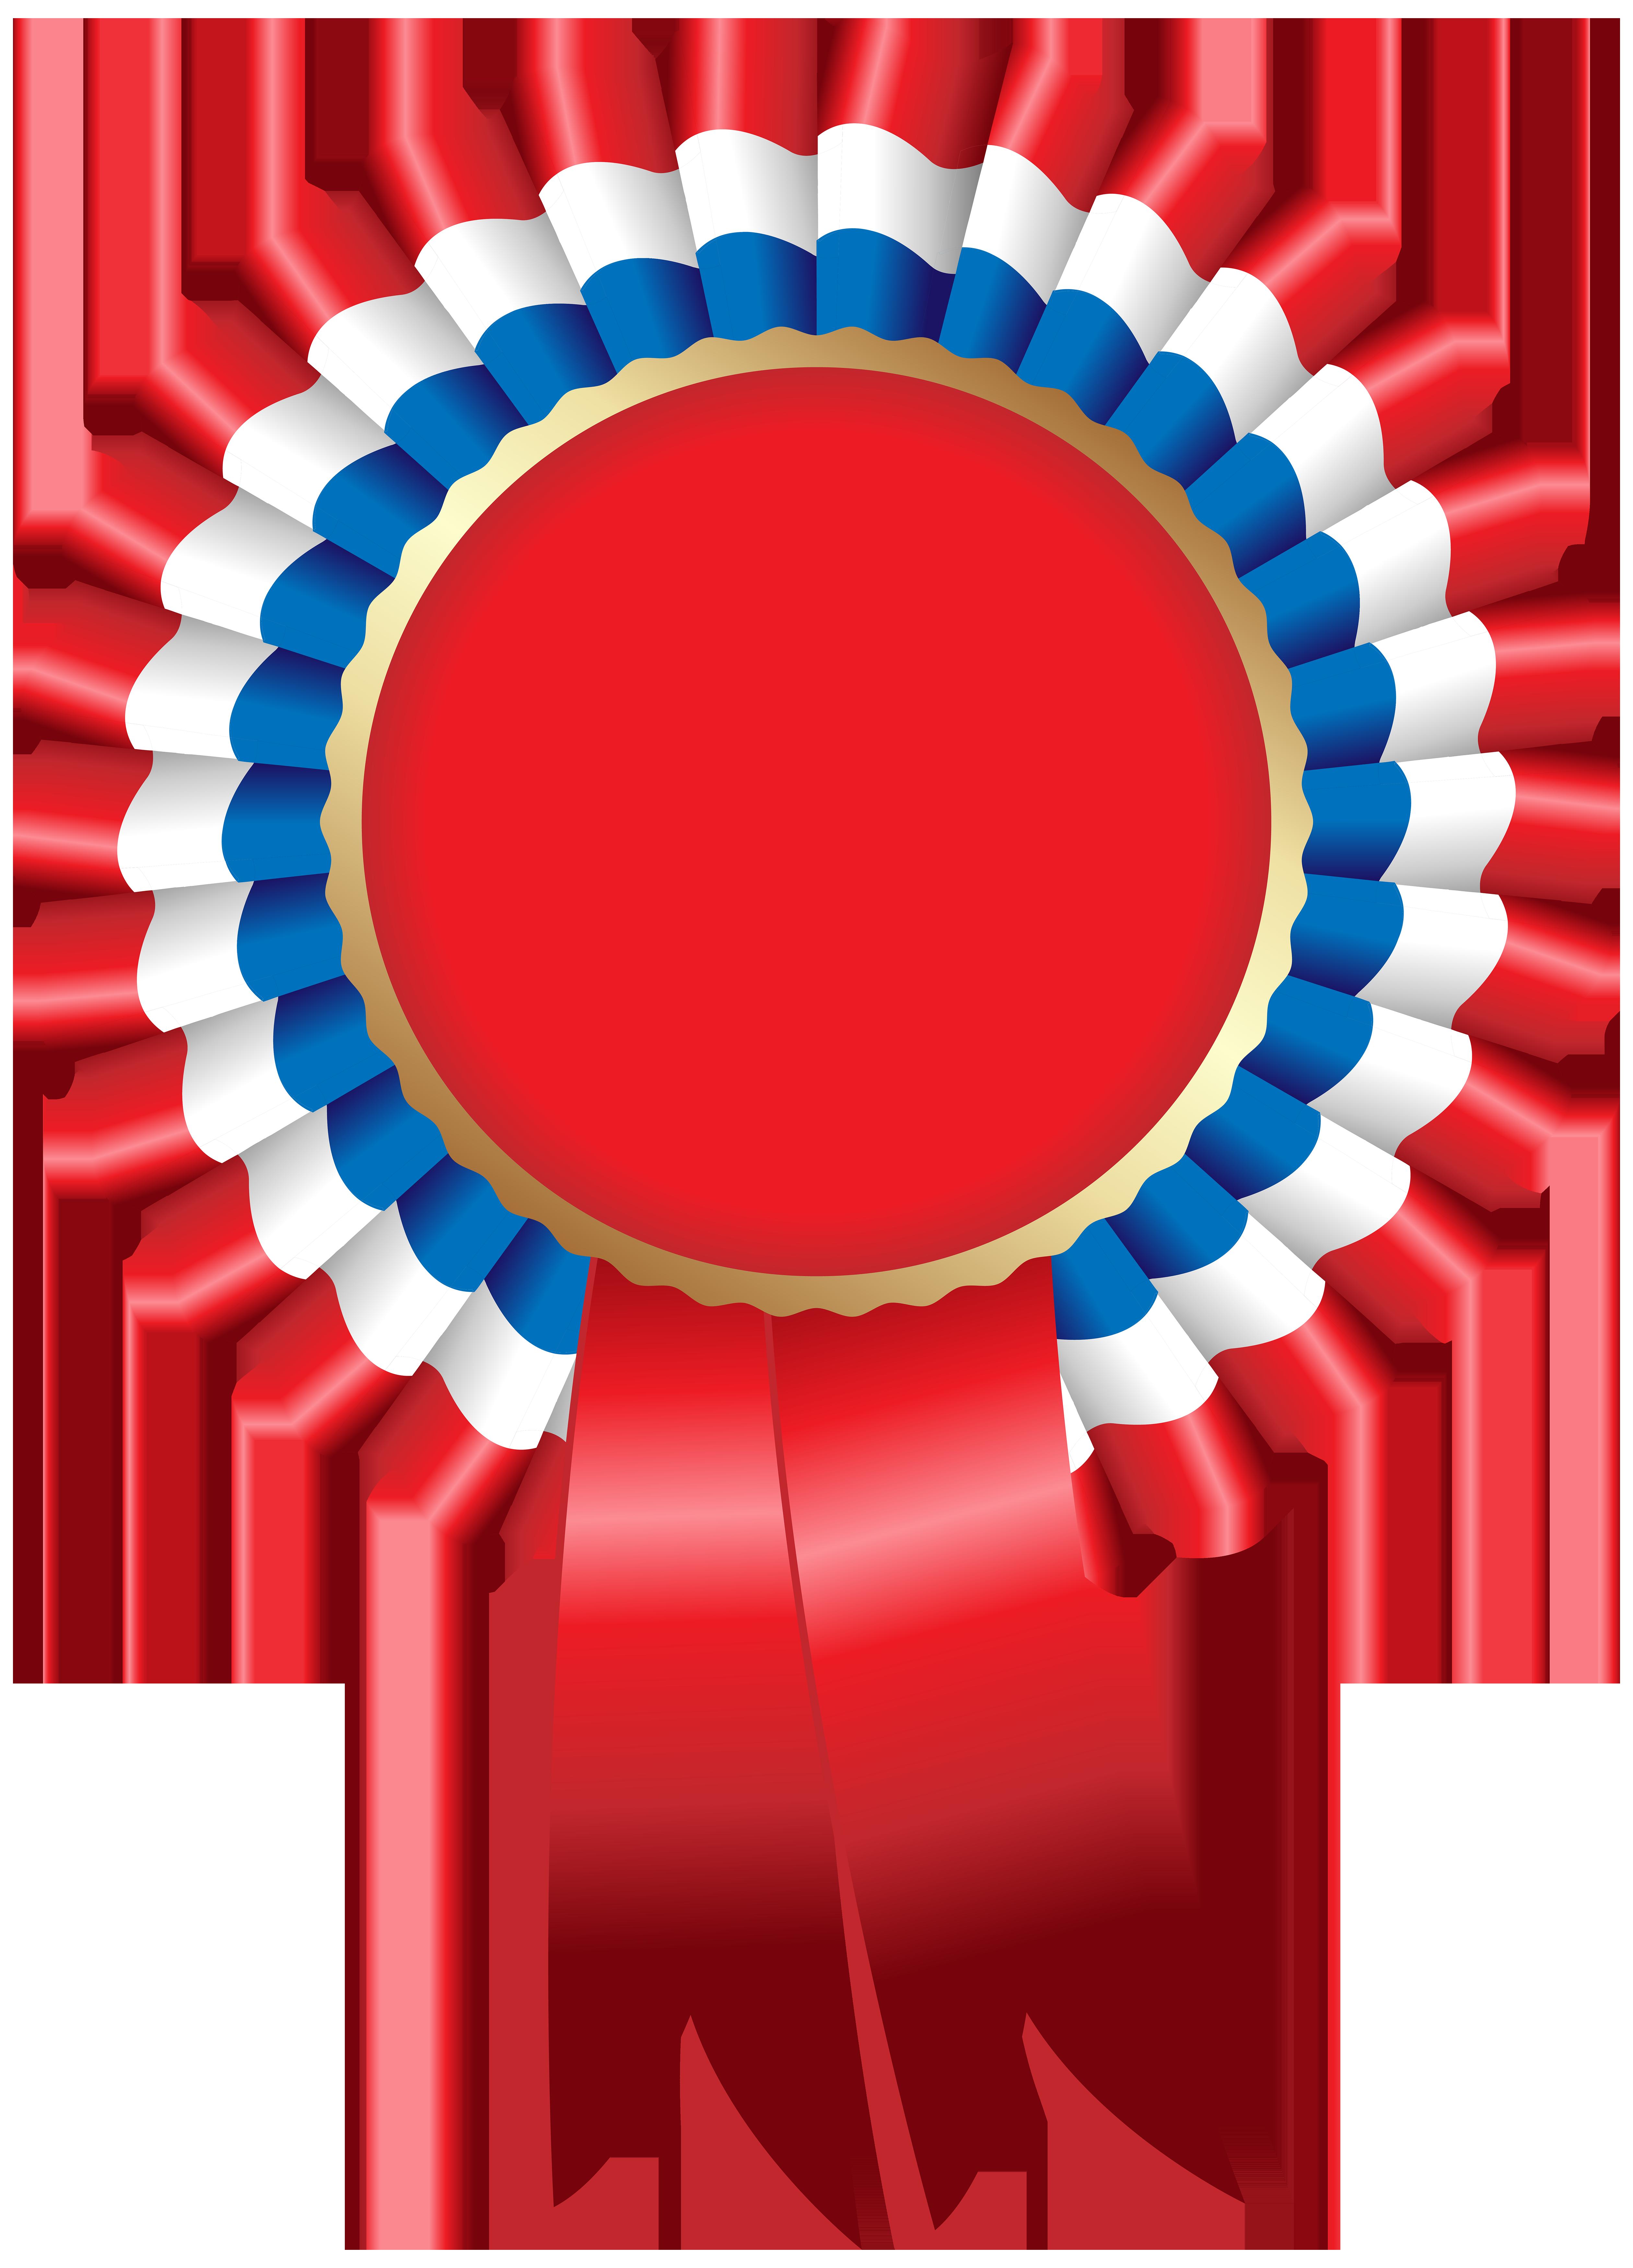 Rosette Ribbon PNG Clip Art Image.